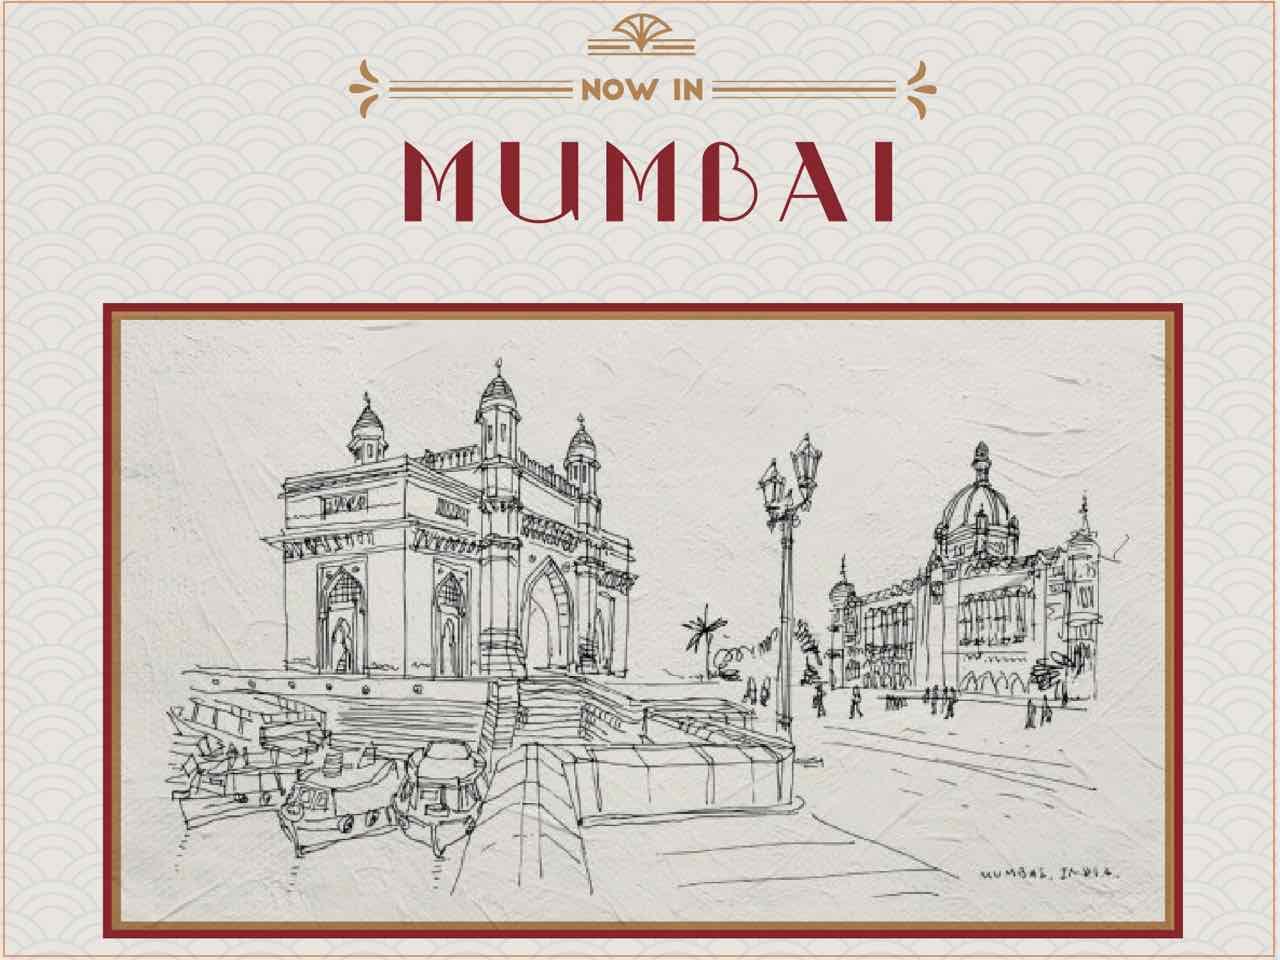 Remfry & Sagar Opens Mumbai Office